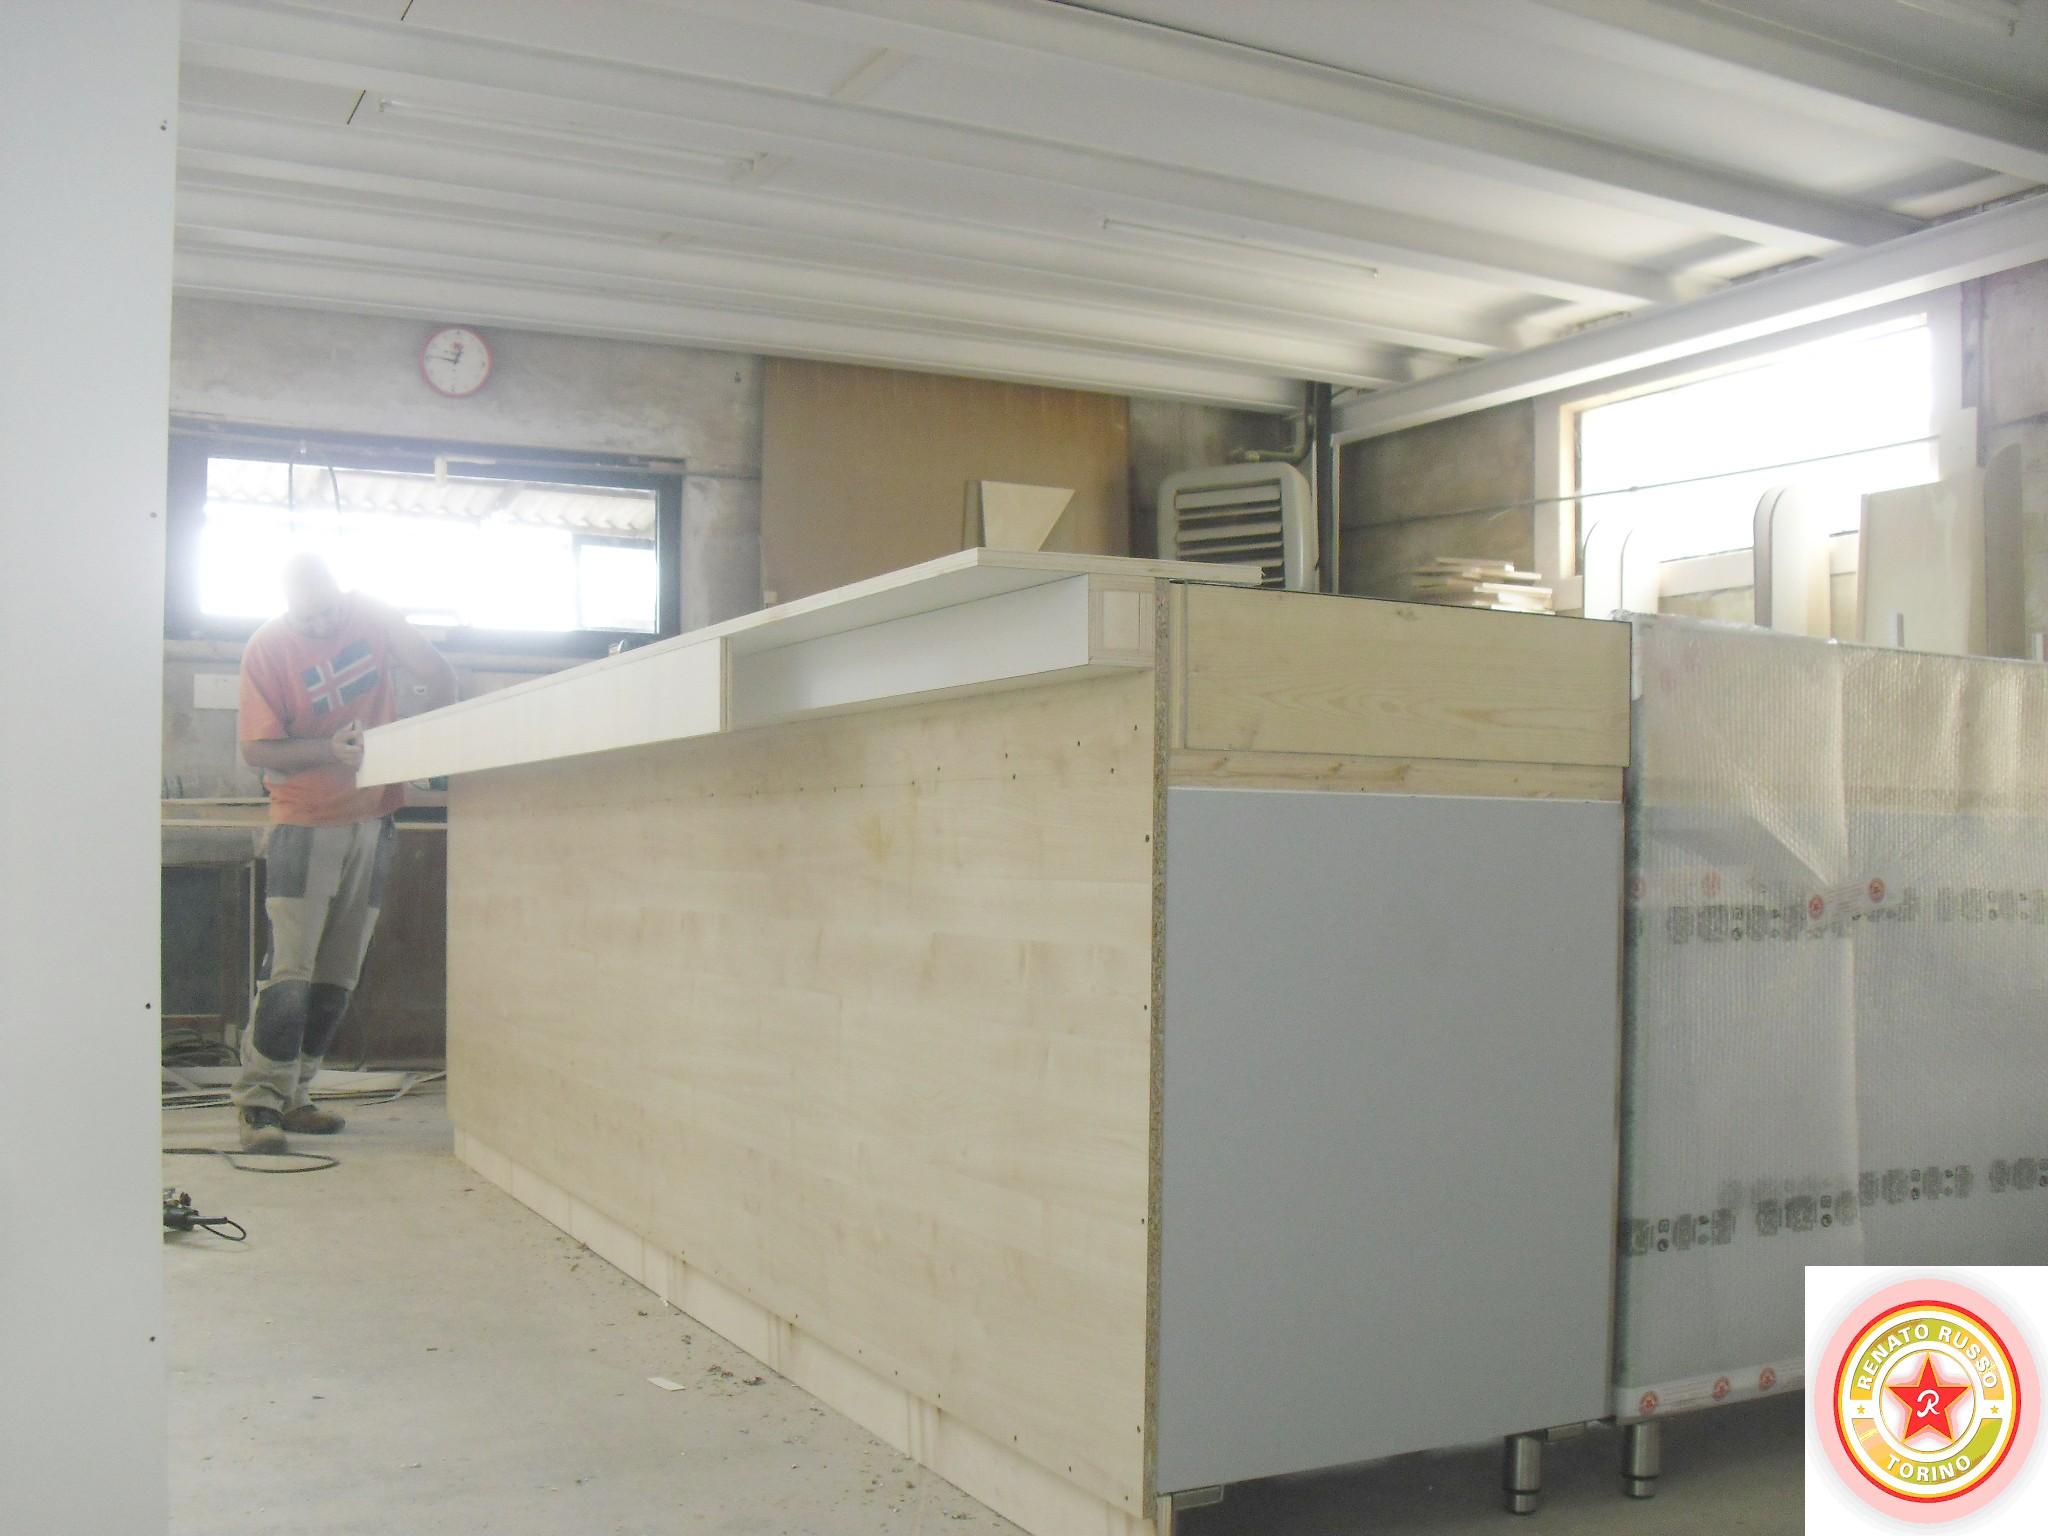 Bancone bar dimensioni trattamento marmo cucina - Bancone bar per casa ...